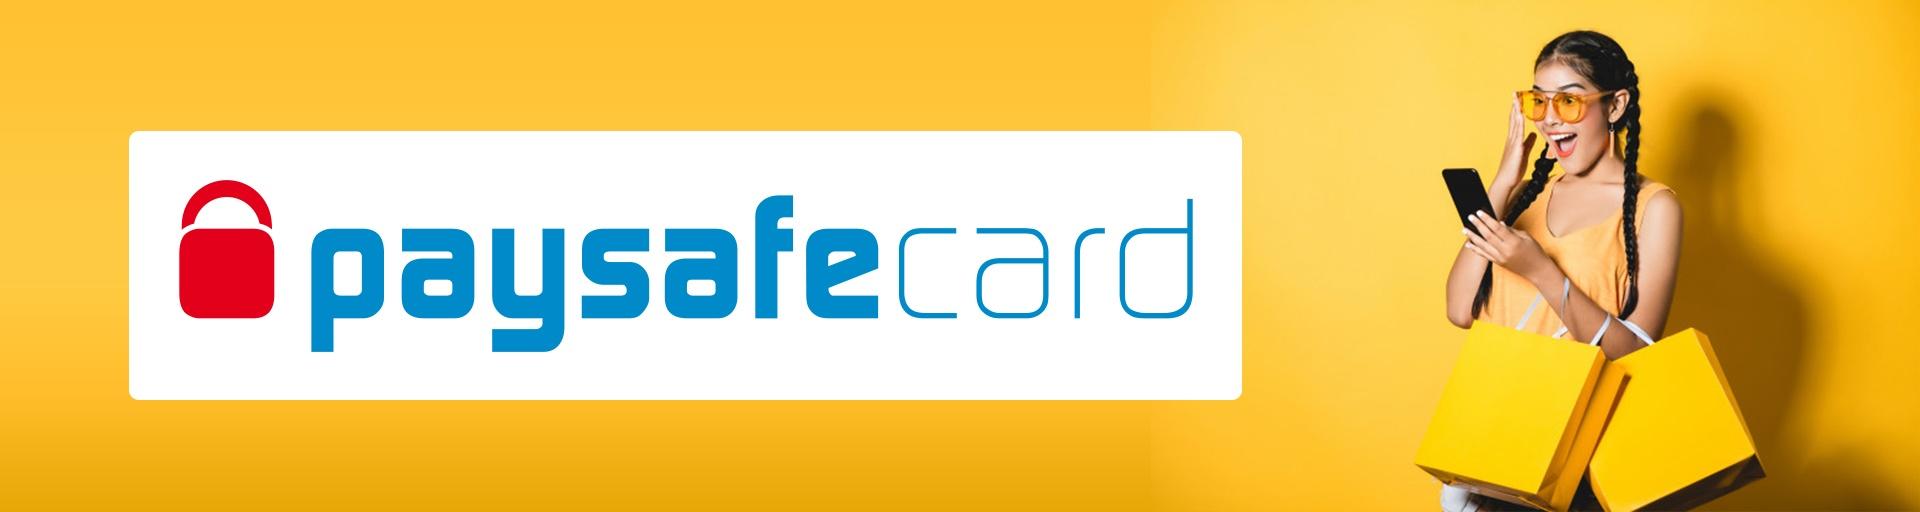 Paysafecard online kaufen Guthaben Aufladen